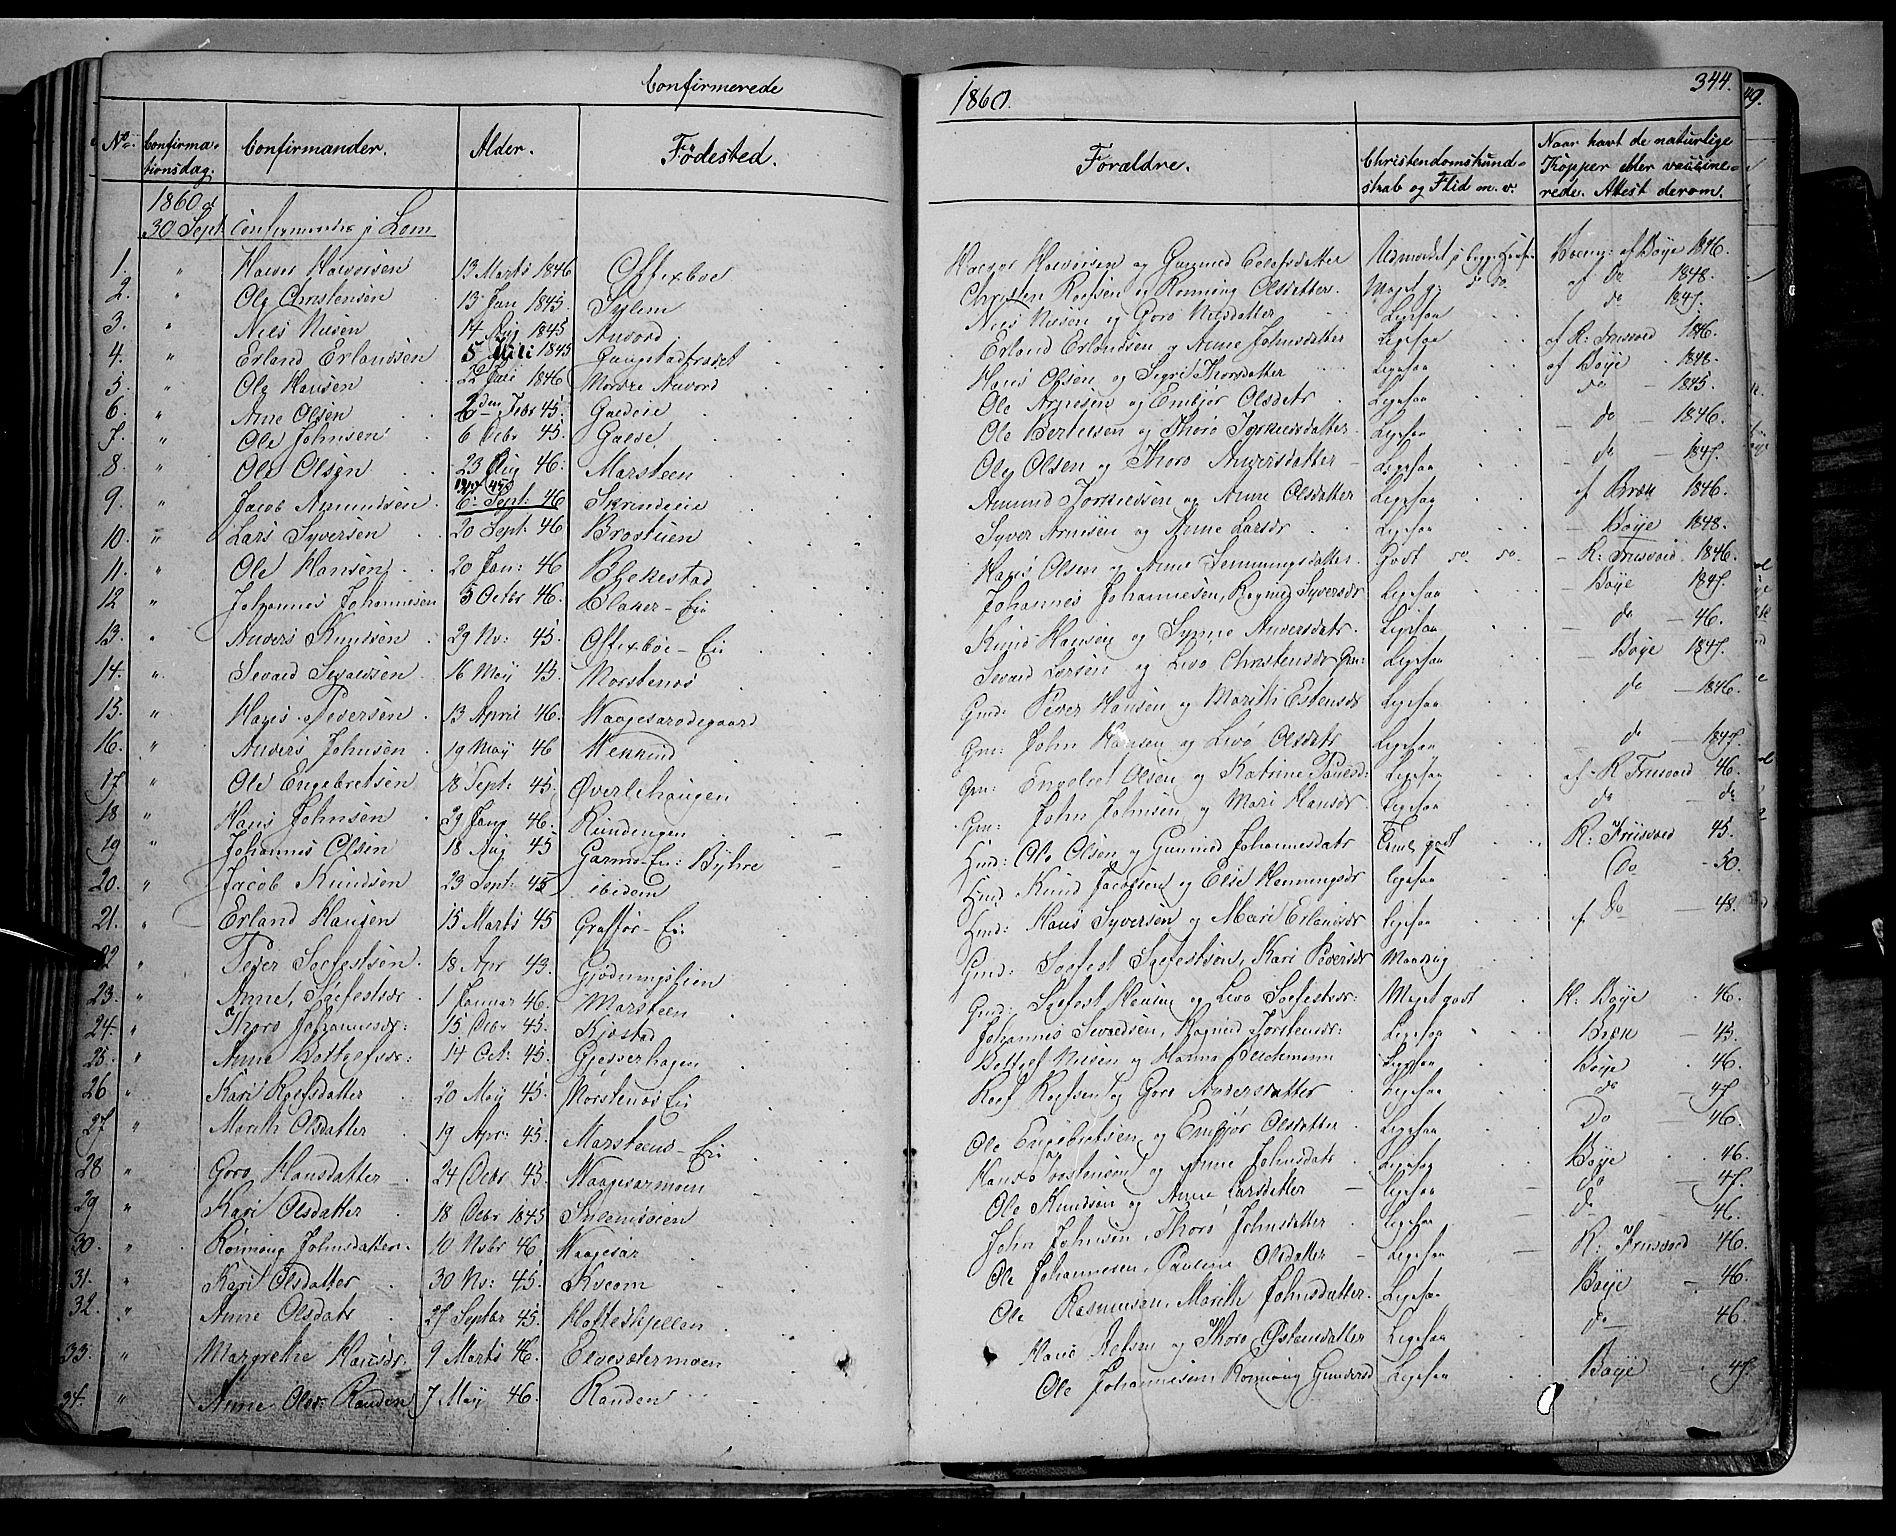 SAH, Lom prestekontor, K/L0006: Ministerialbok nr. 6A, 1837-1863, s. 344